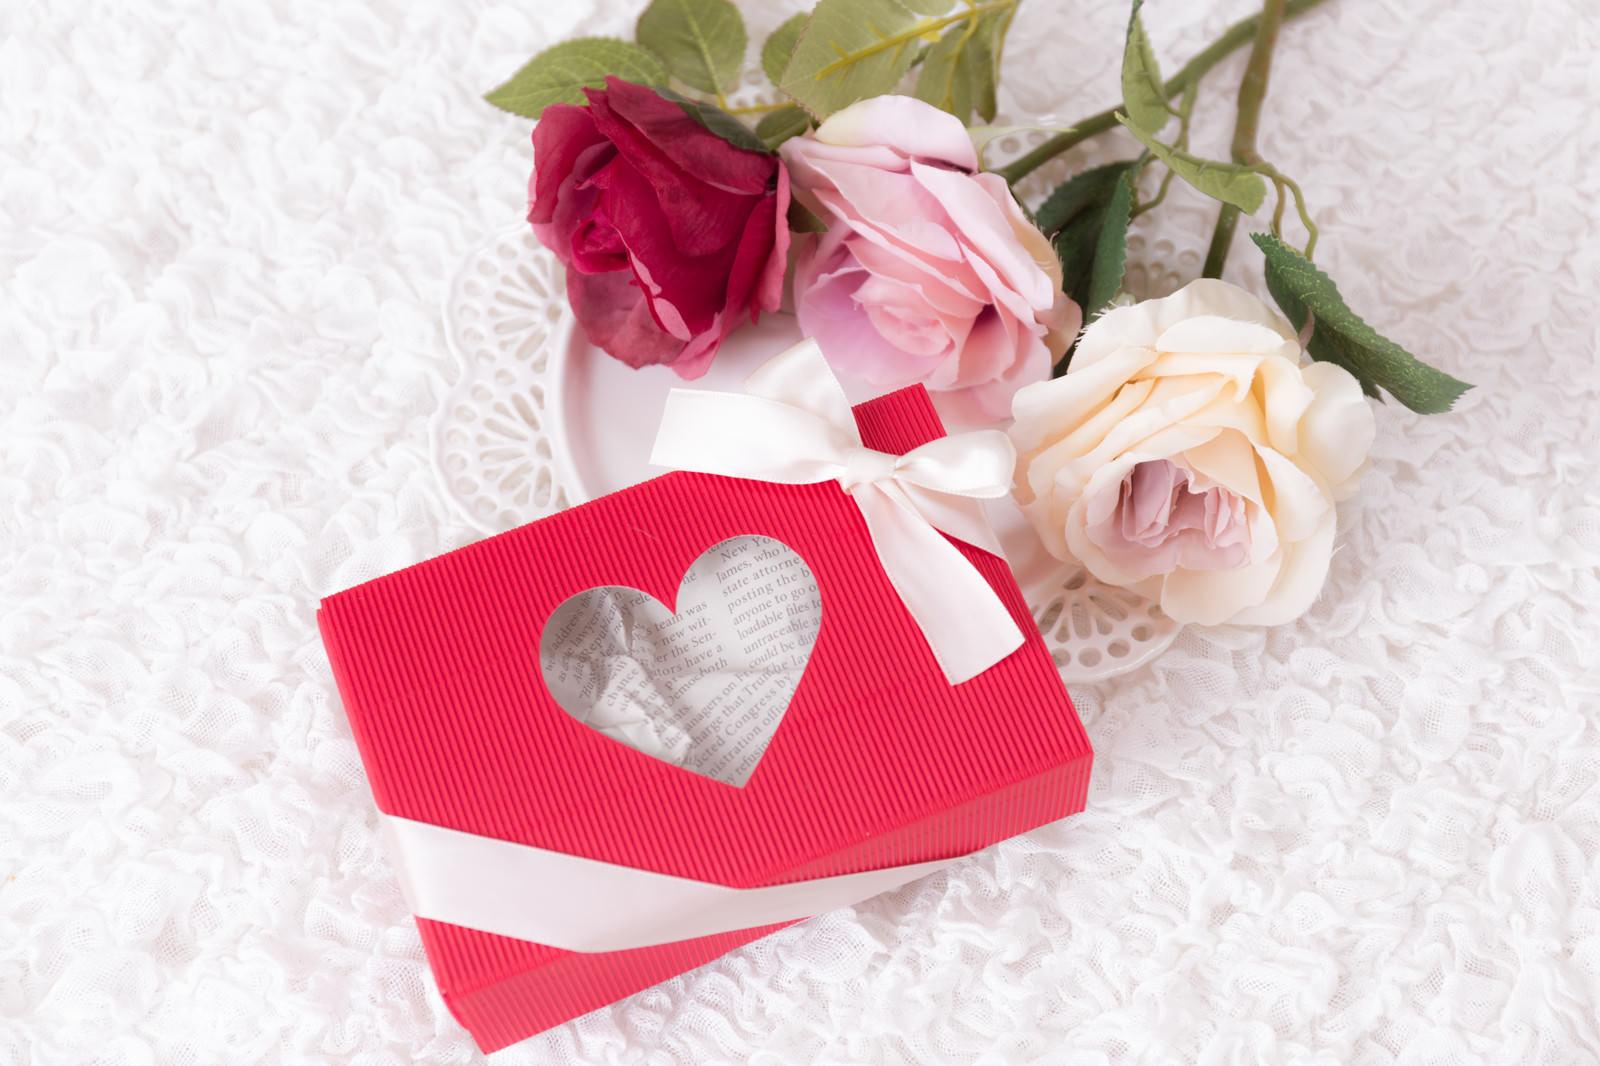 「赤いプレゼント用のギフトボックス」の写真